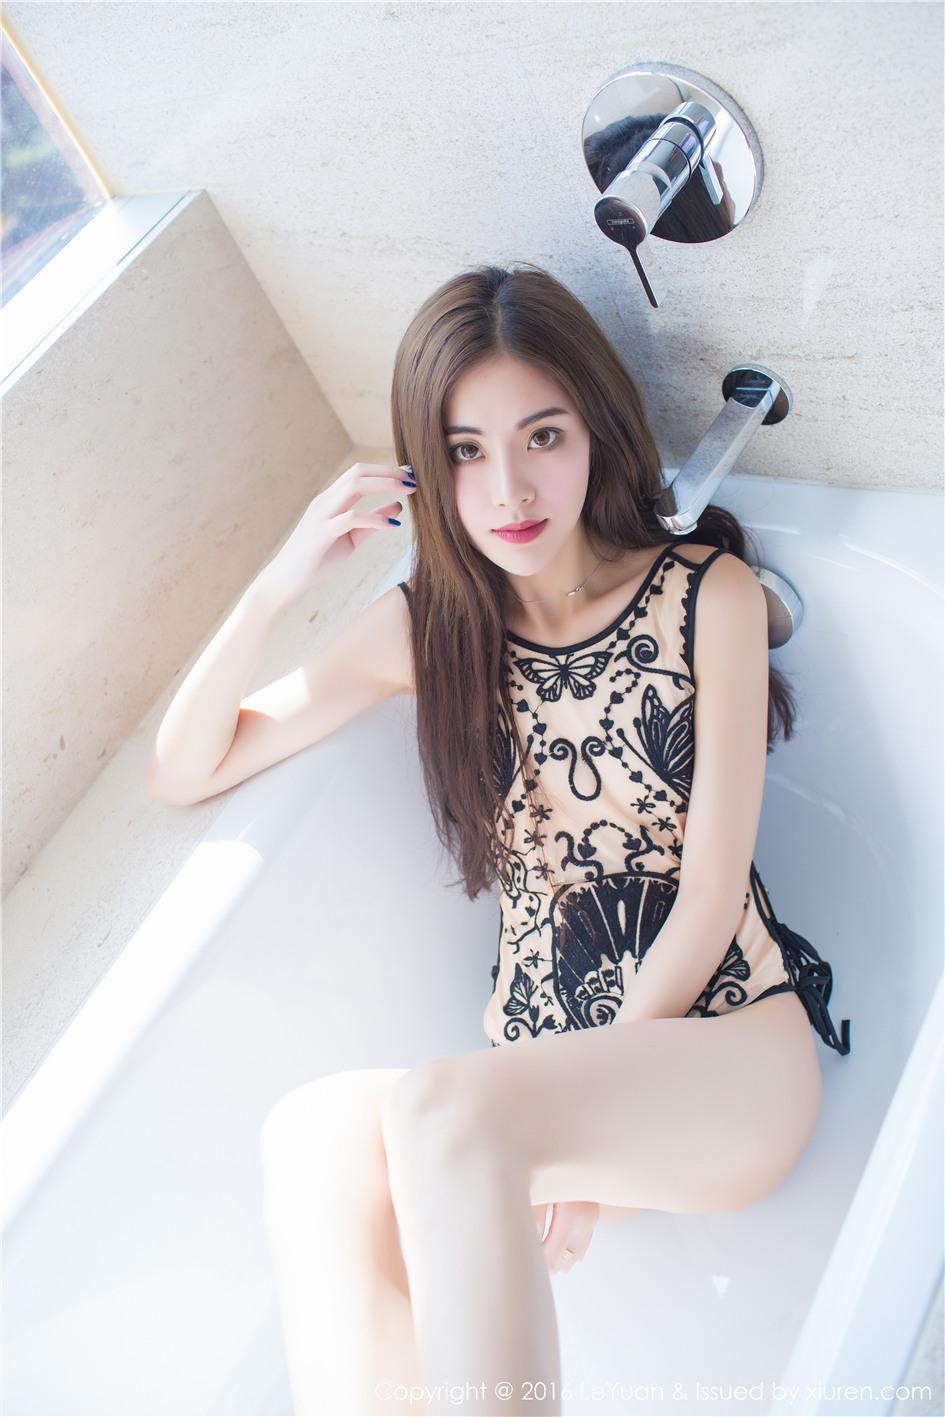 【星乐园】【菲儿】 肤色丝袜美女菲儿私房高清美腿写真图片 VOL.014【22P】 写真集